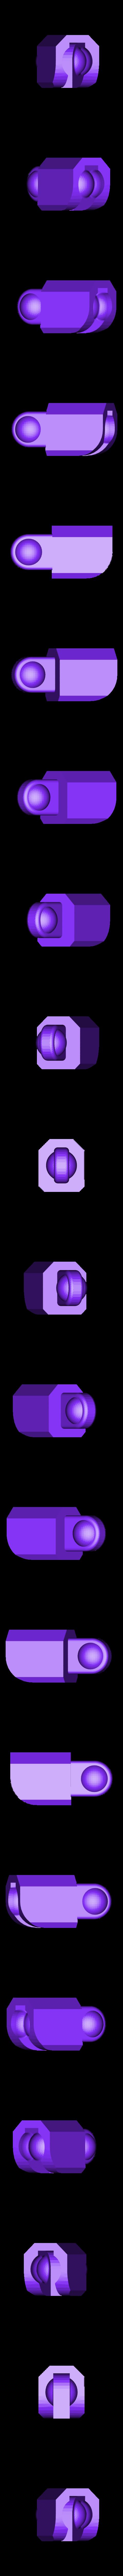 v2_middlefinger_41_ball.stl Télécharger fichier STL gratuit TRANSFORMERS CW POSABLE HANDS 2.0 • Design pour impression 3D, sickofyou